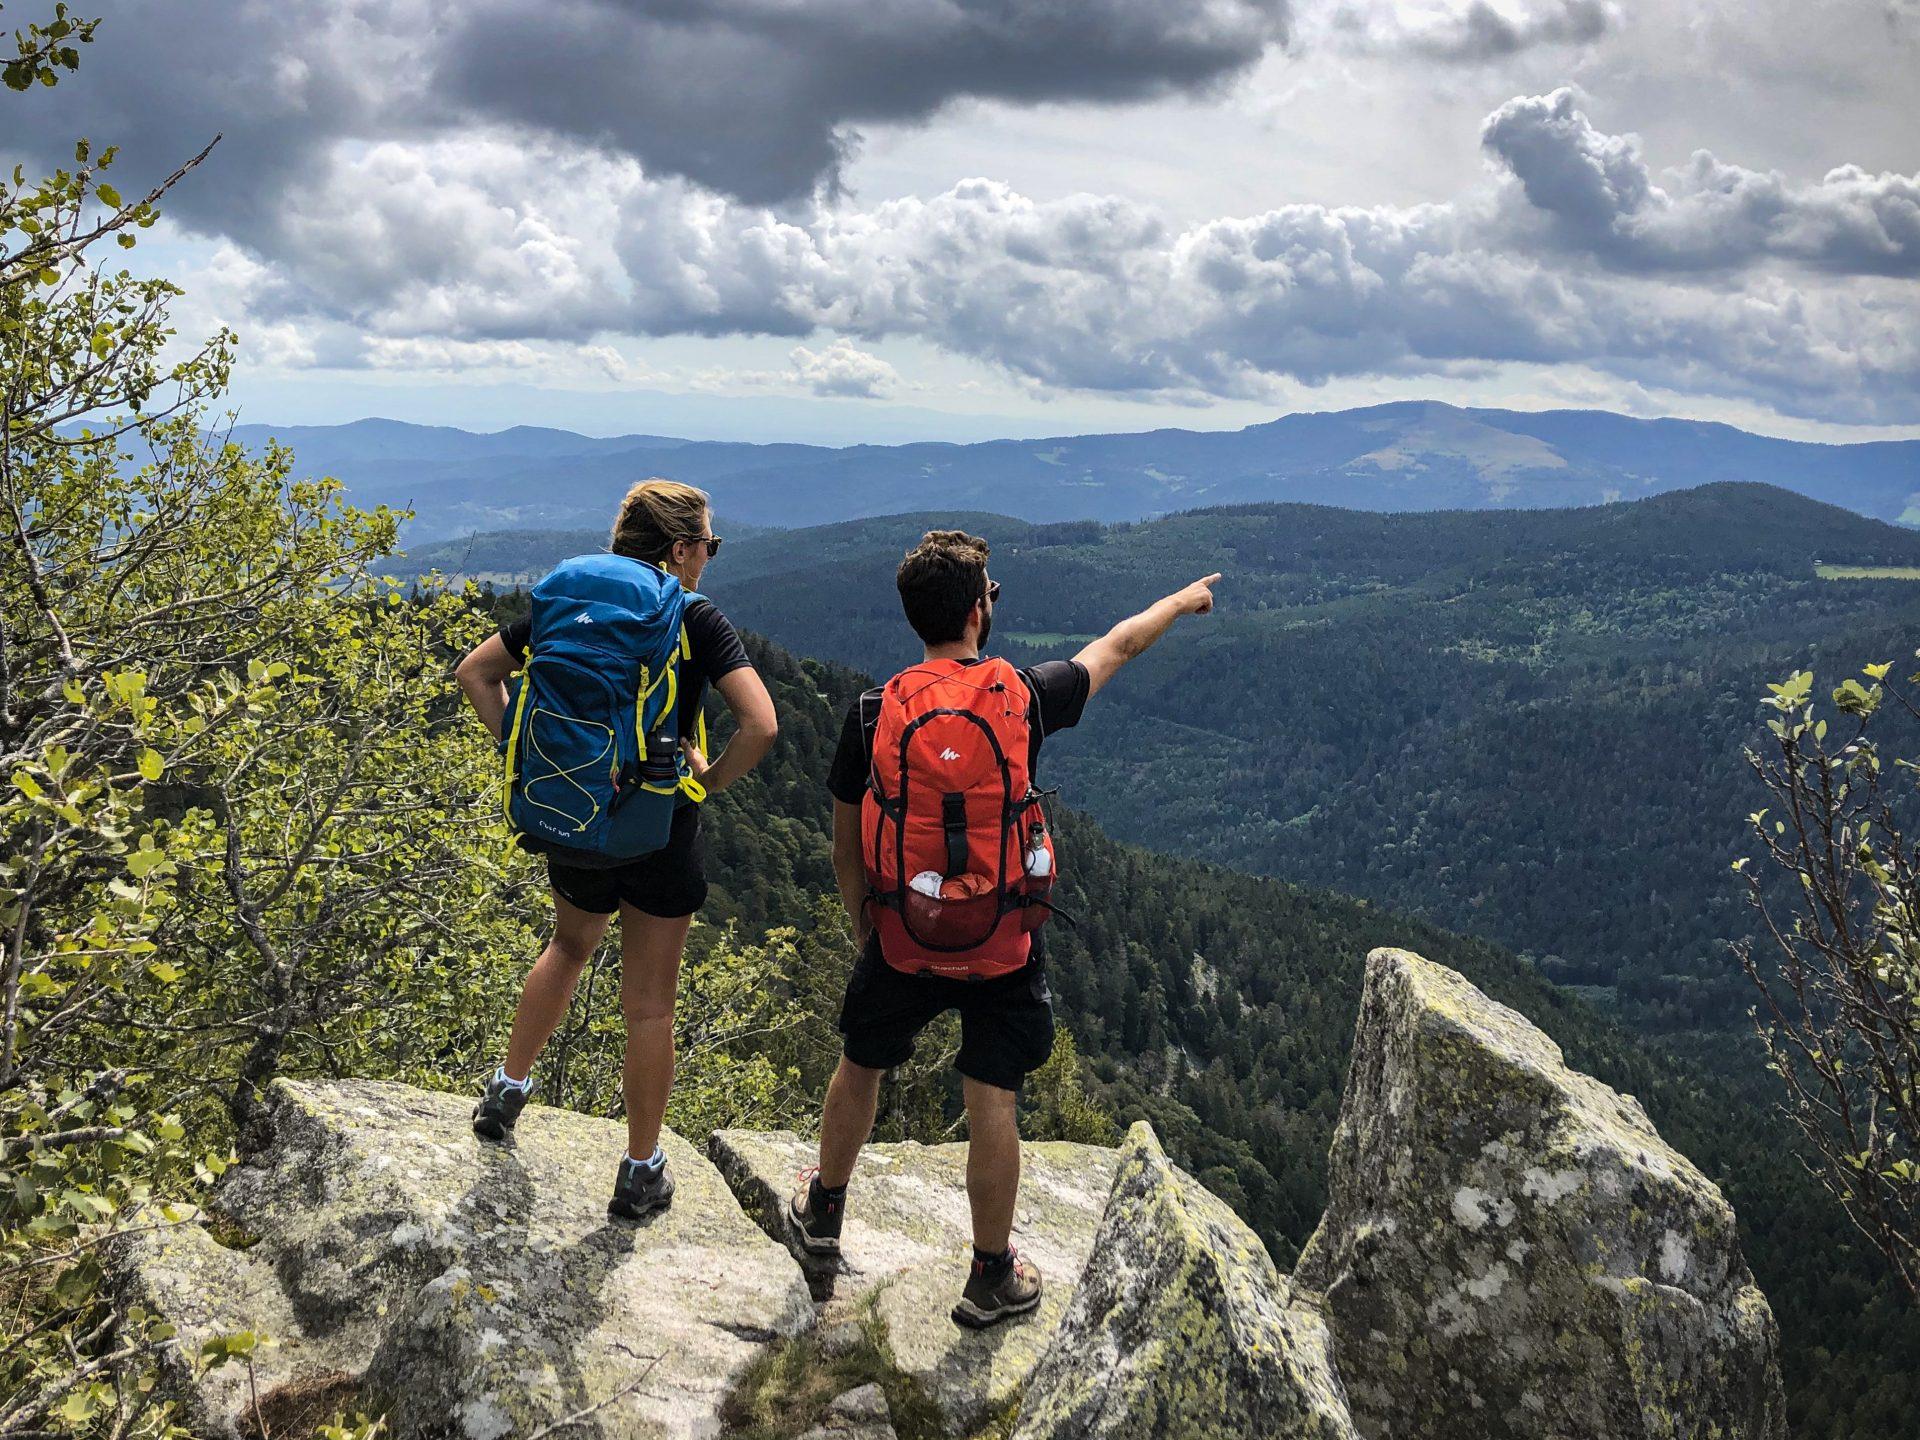 Deux randonneurs au Spitzenfels pendant une micro-aventure dans les Vosges